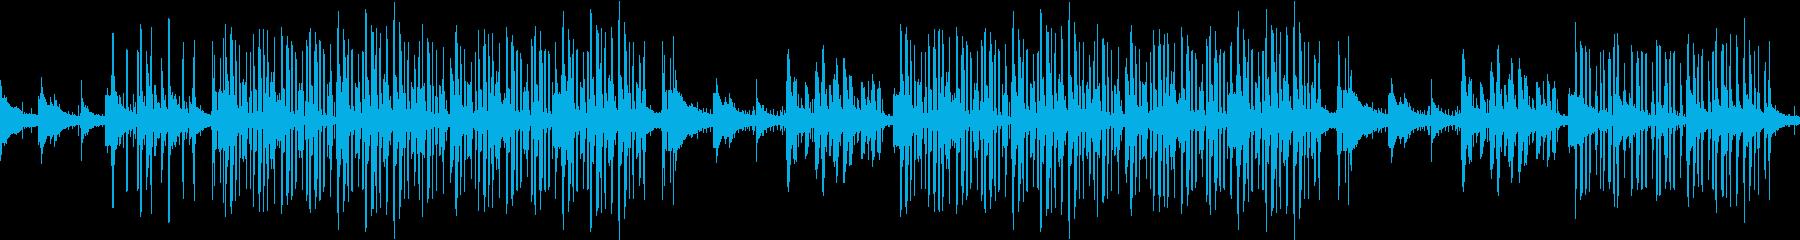 チル・ヒップホップ・夜・ローファイ・エモの再生済みの波形